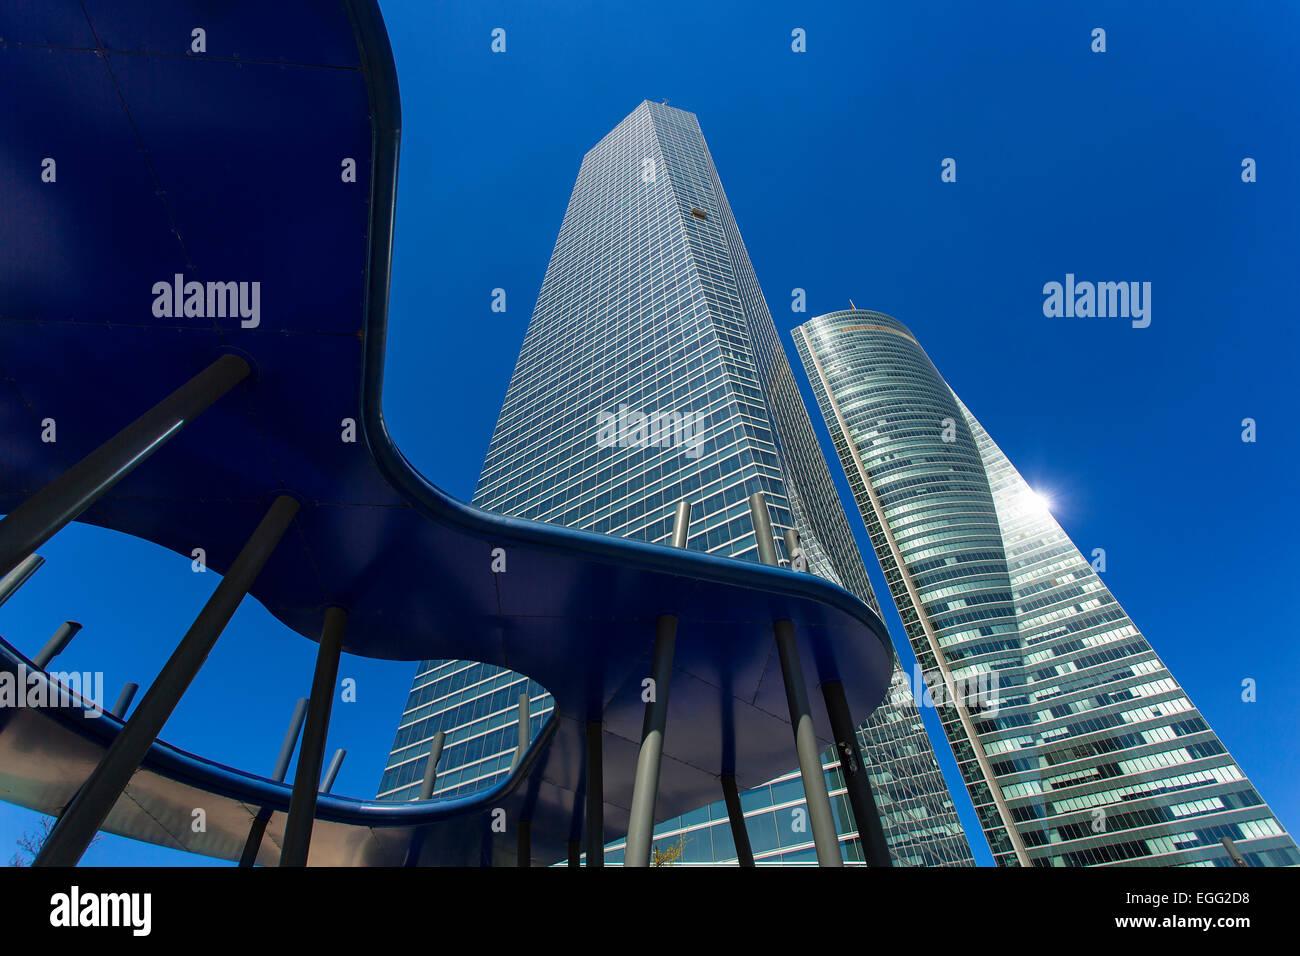 Madrid, Puerta de Europa Spagna.Cuatro Torres Busin Immagini Stock